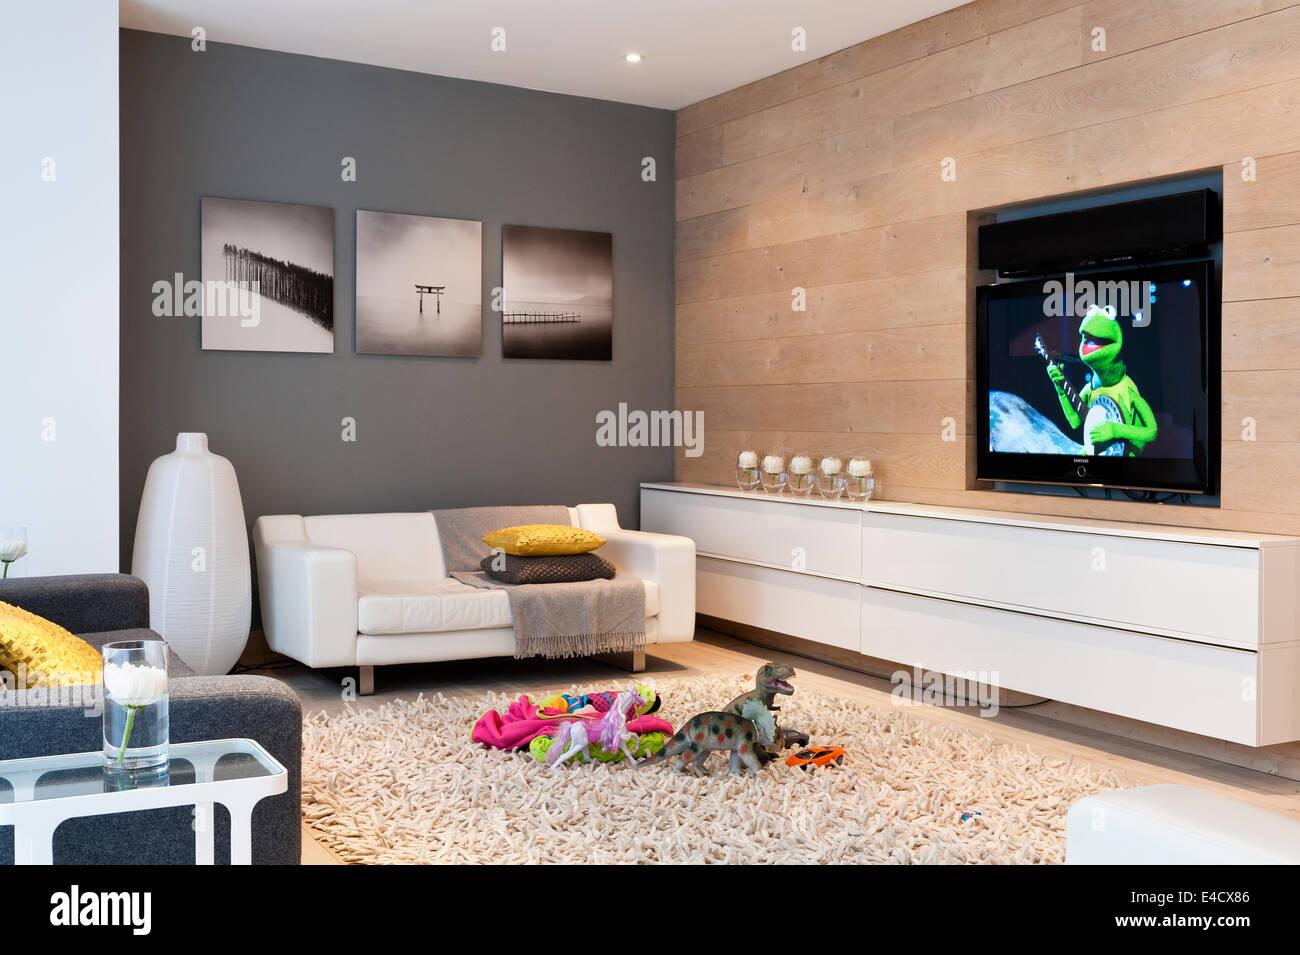 Schwarz Weiss Foto Druckt Von Hokkaido In Japan Auf Wand Wohnzimmer